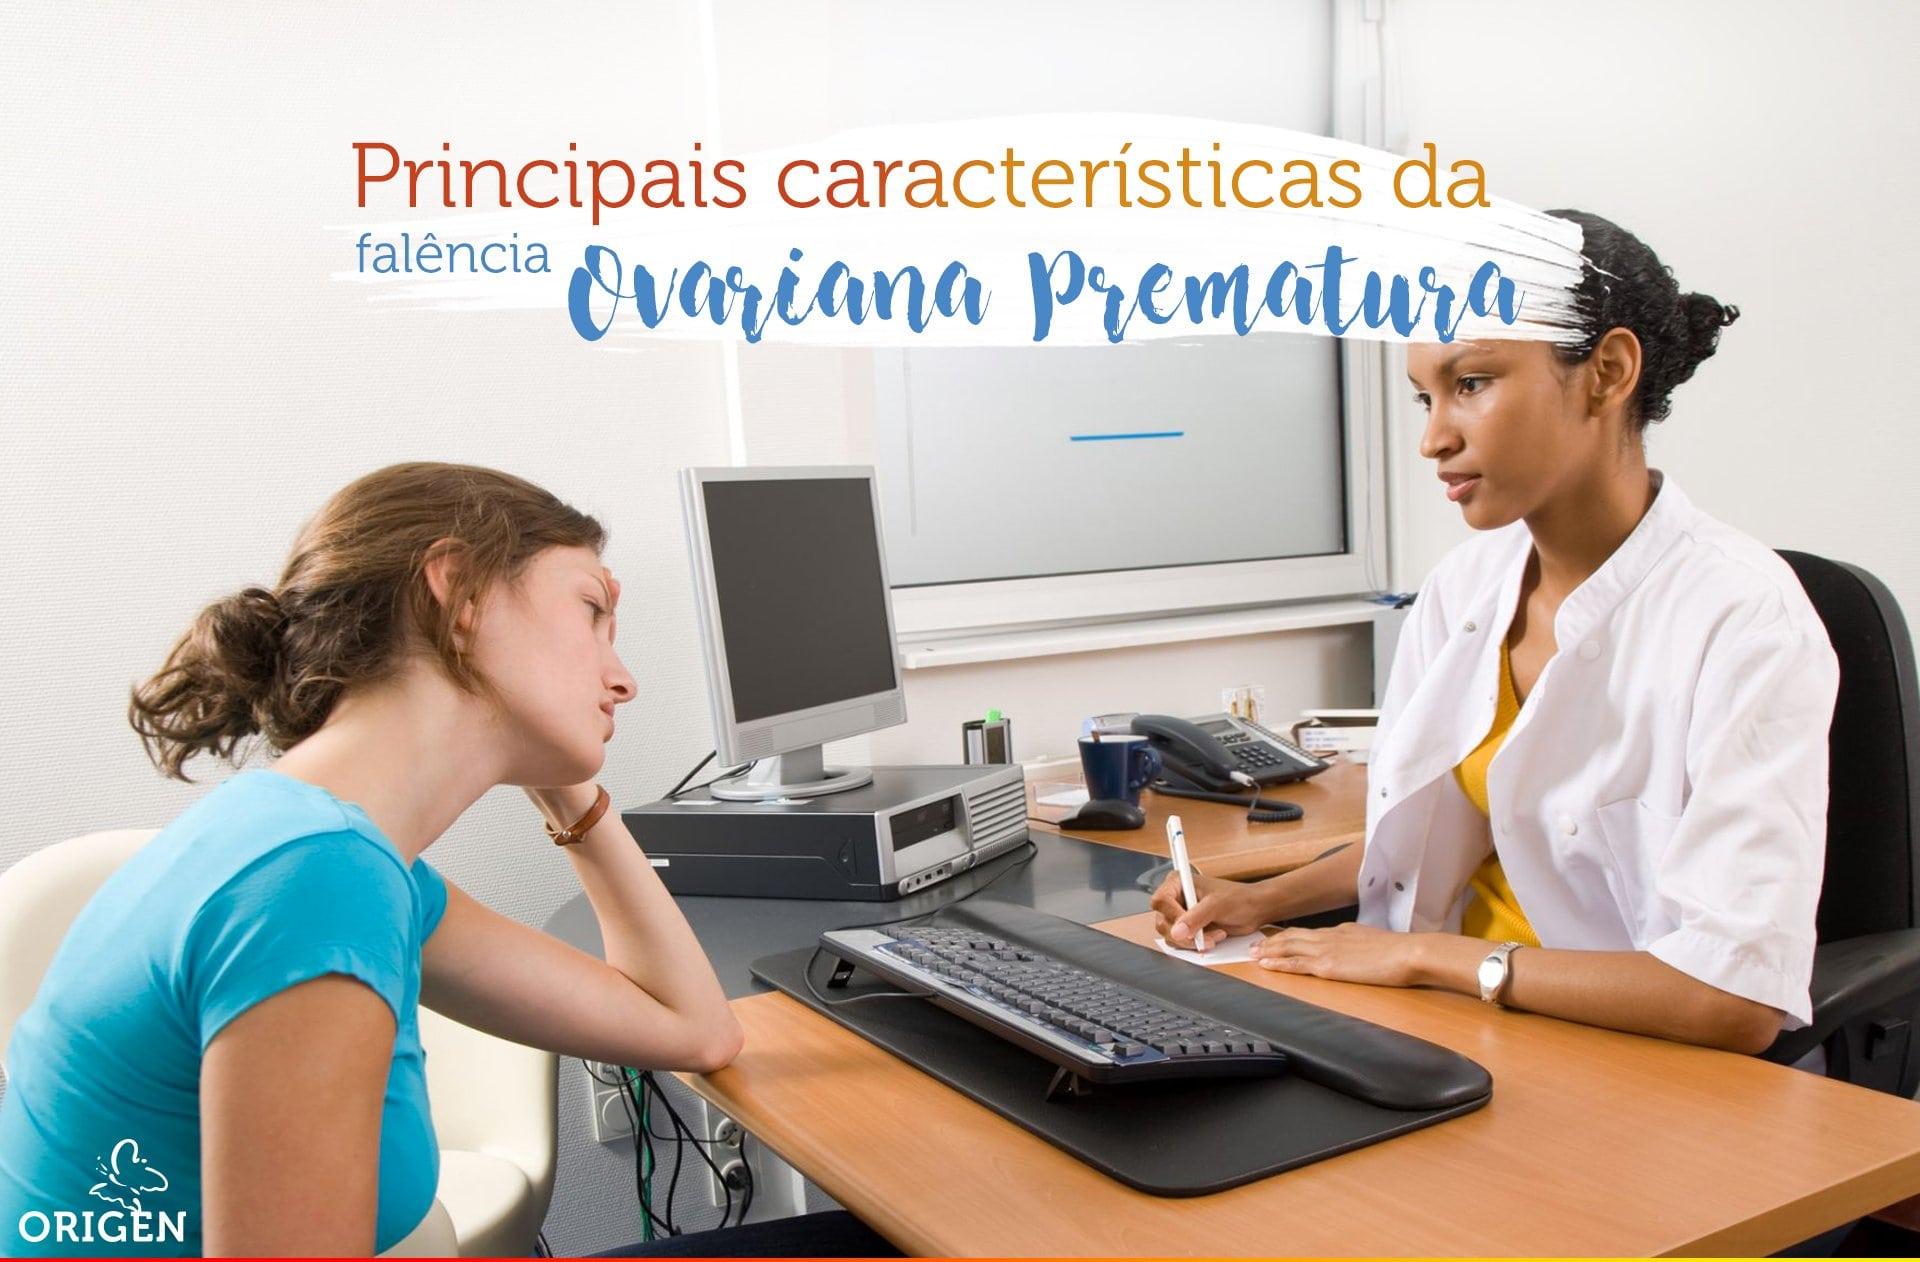 Conheça as principais características da Falência Ovariana Prematura